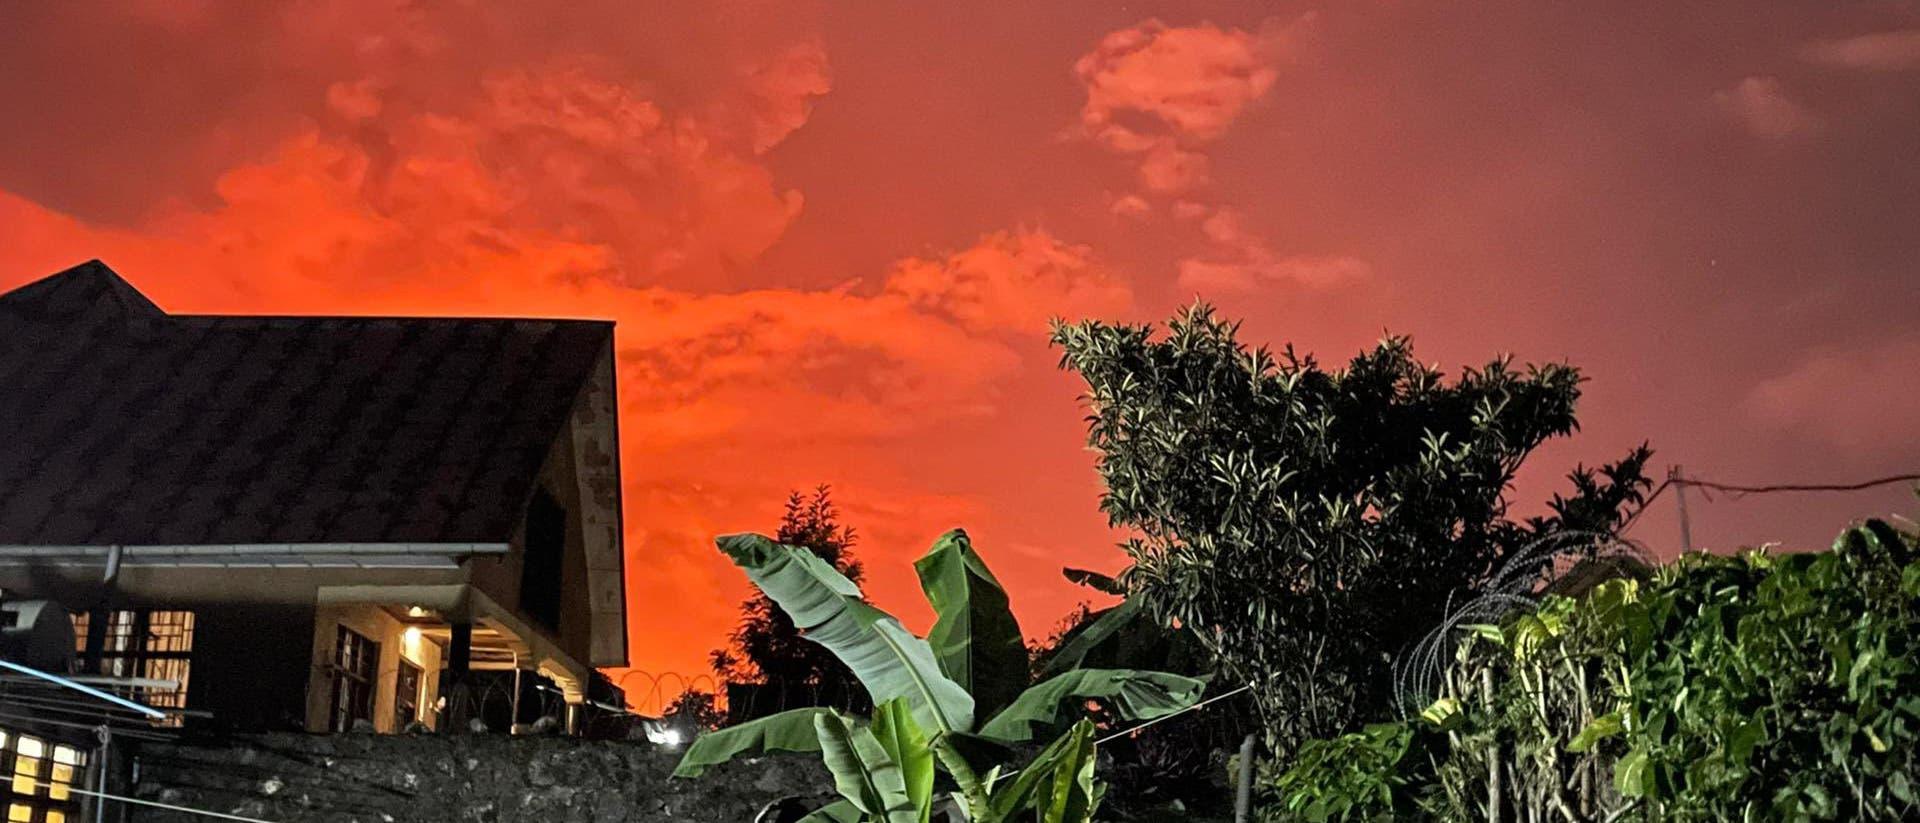 Nach Ausbruch des Vulkans Nyiragongo am 22. Mai 2021 leuchtete der Nachthimmel der Millionenstadt Goma in der Demokratischen Republik Kongo orange-rot.